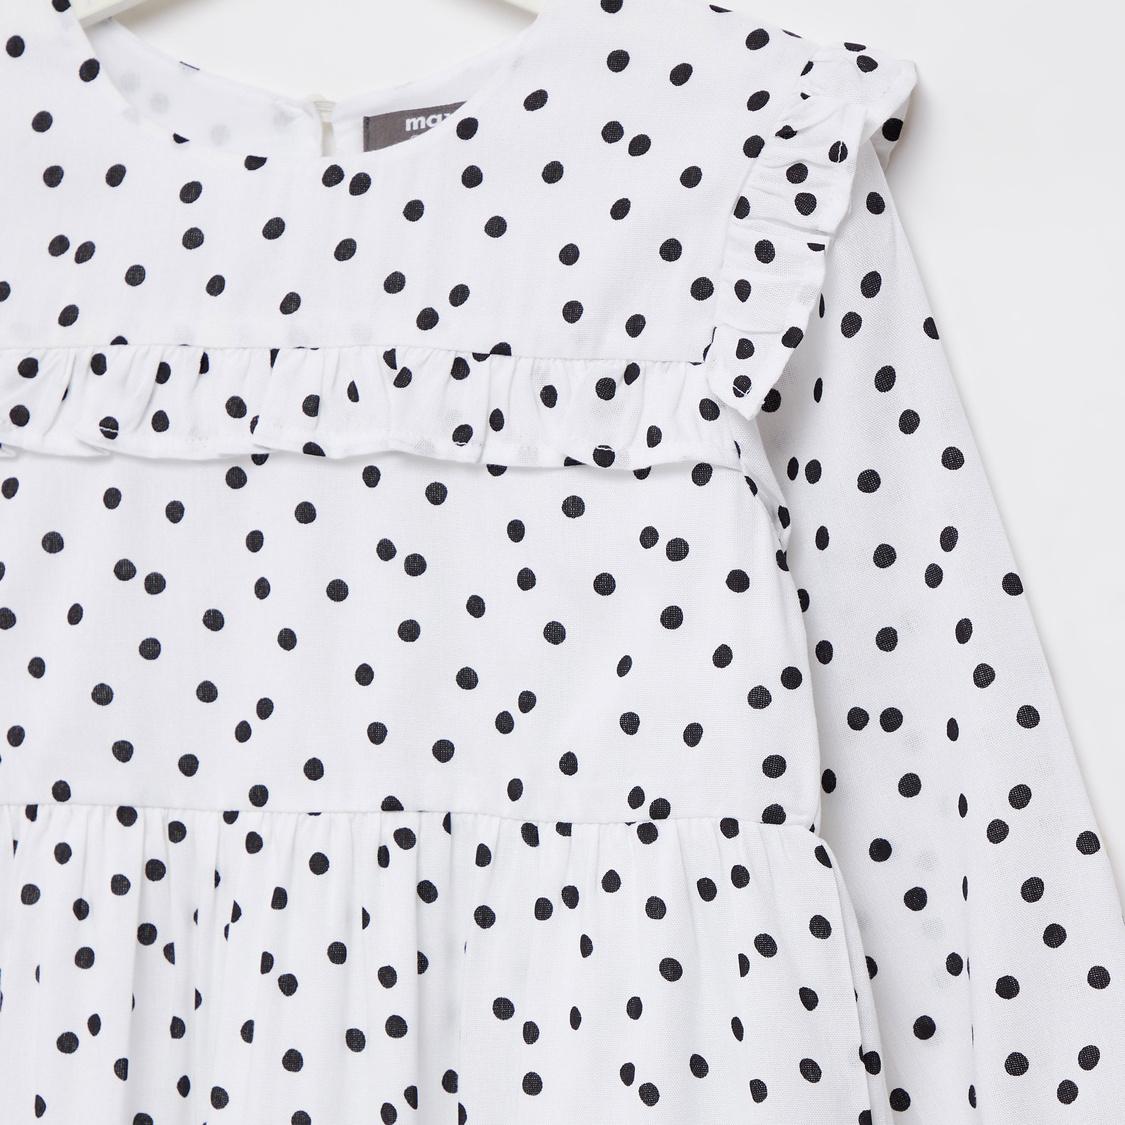 فستان ميدي بطبقات وطبعات منقّطة وتفاصيل كشكشة وأكمام طويلة